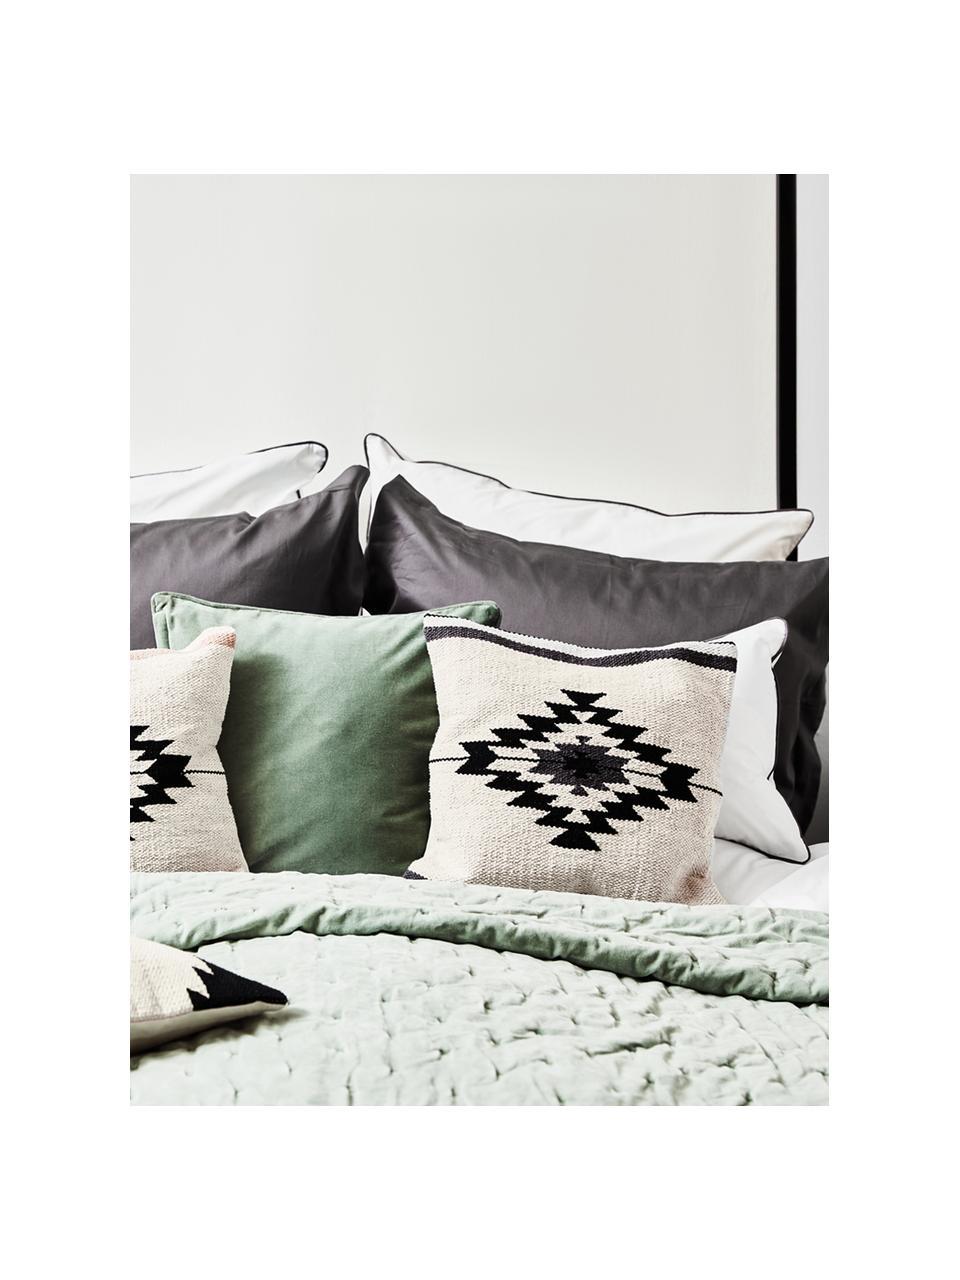 Poszewka na poduszkę w stylu etno Toluca, 100% bawełna, Czarny, beżowy, szary, S 45 x D 45 cm